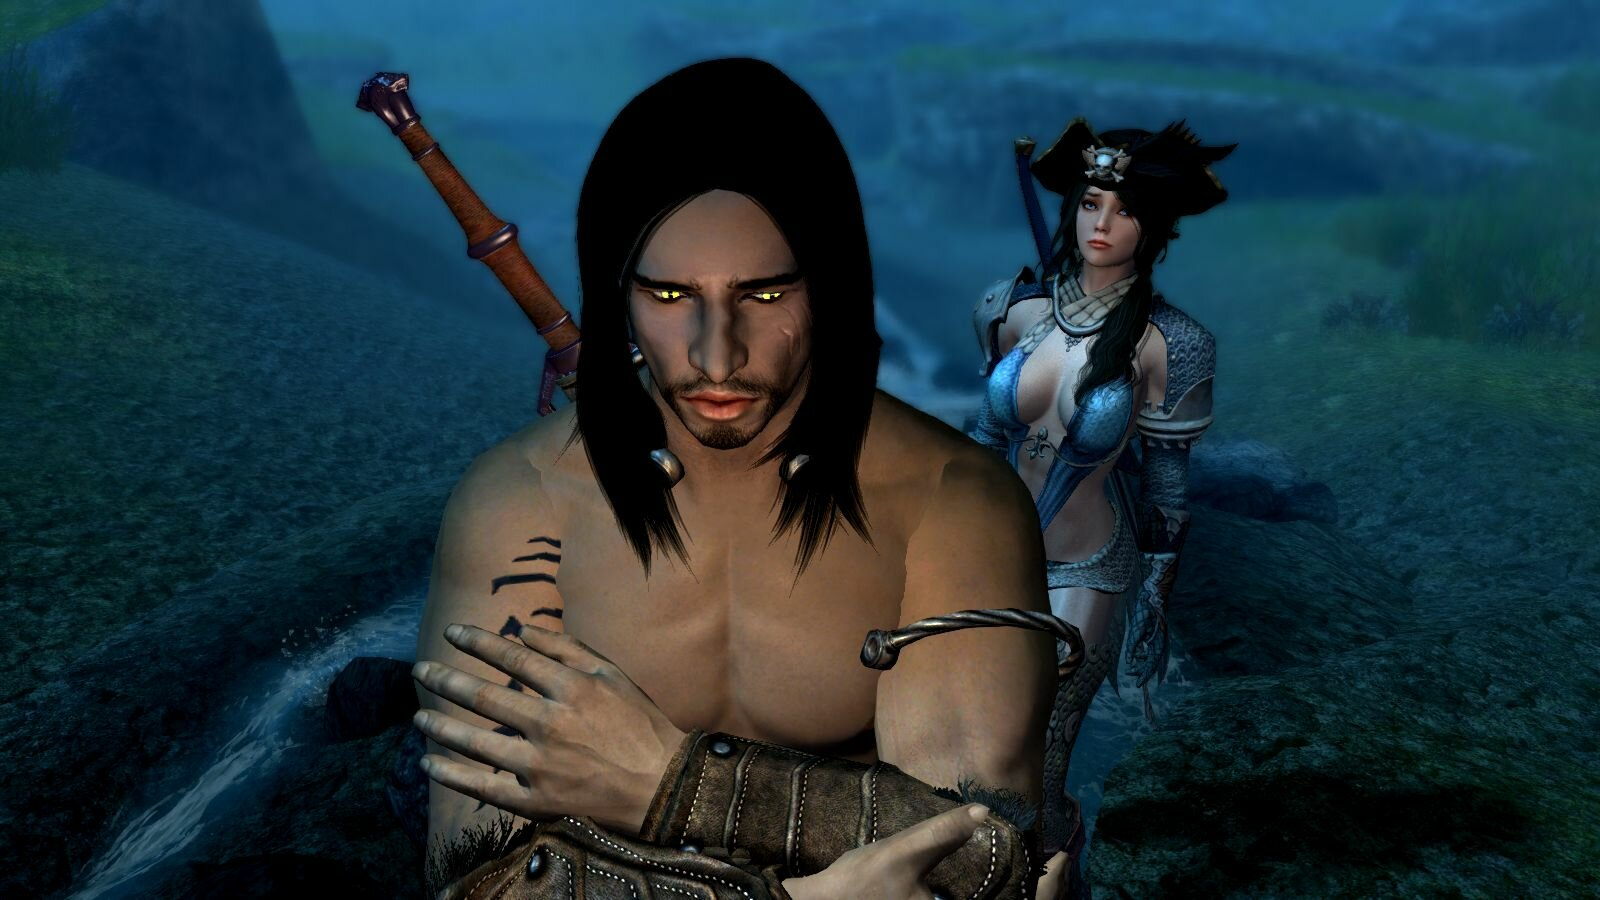 Эйран думает, что делать с пираткой Софией?